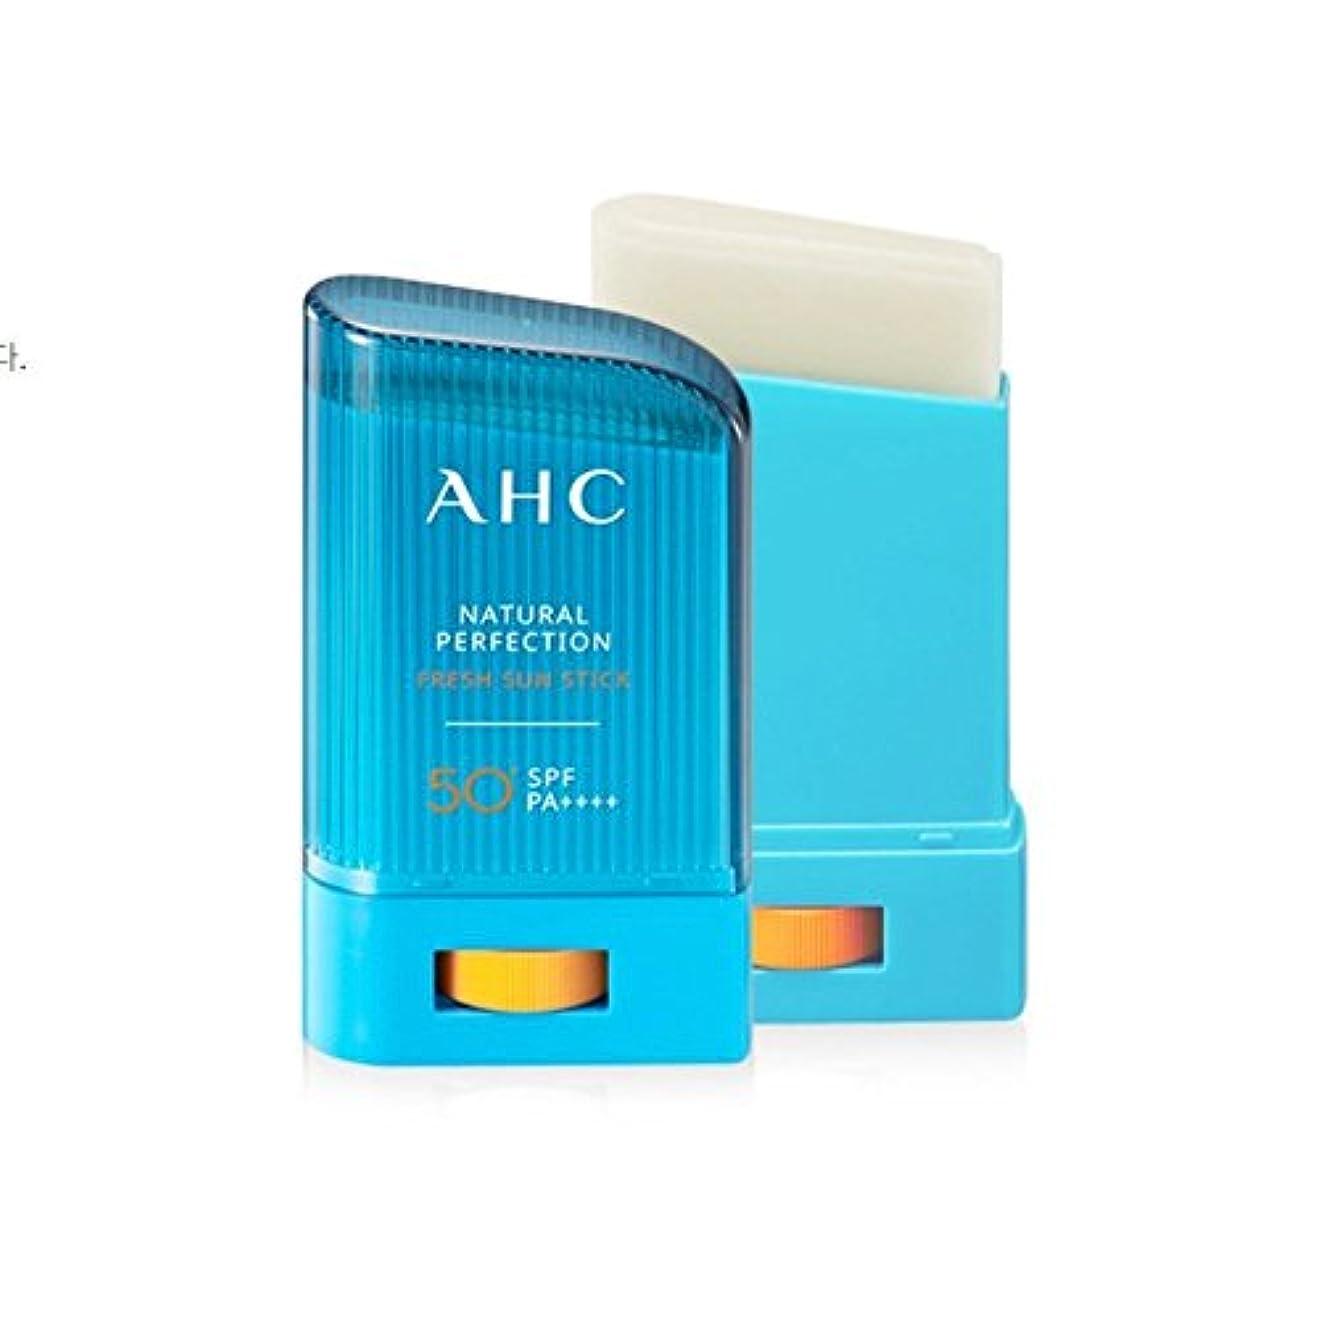 パンサー昼寝雷雨[1+1] AHC Natural Perfection Fresh Sun Stick ナチュラルパーフェクションフレッシュサンスティック 22g * 2個 [並行輸入品]